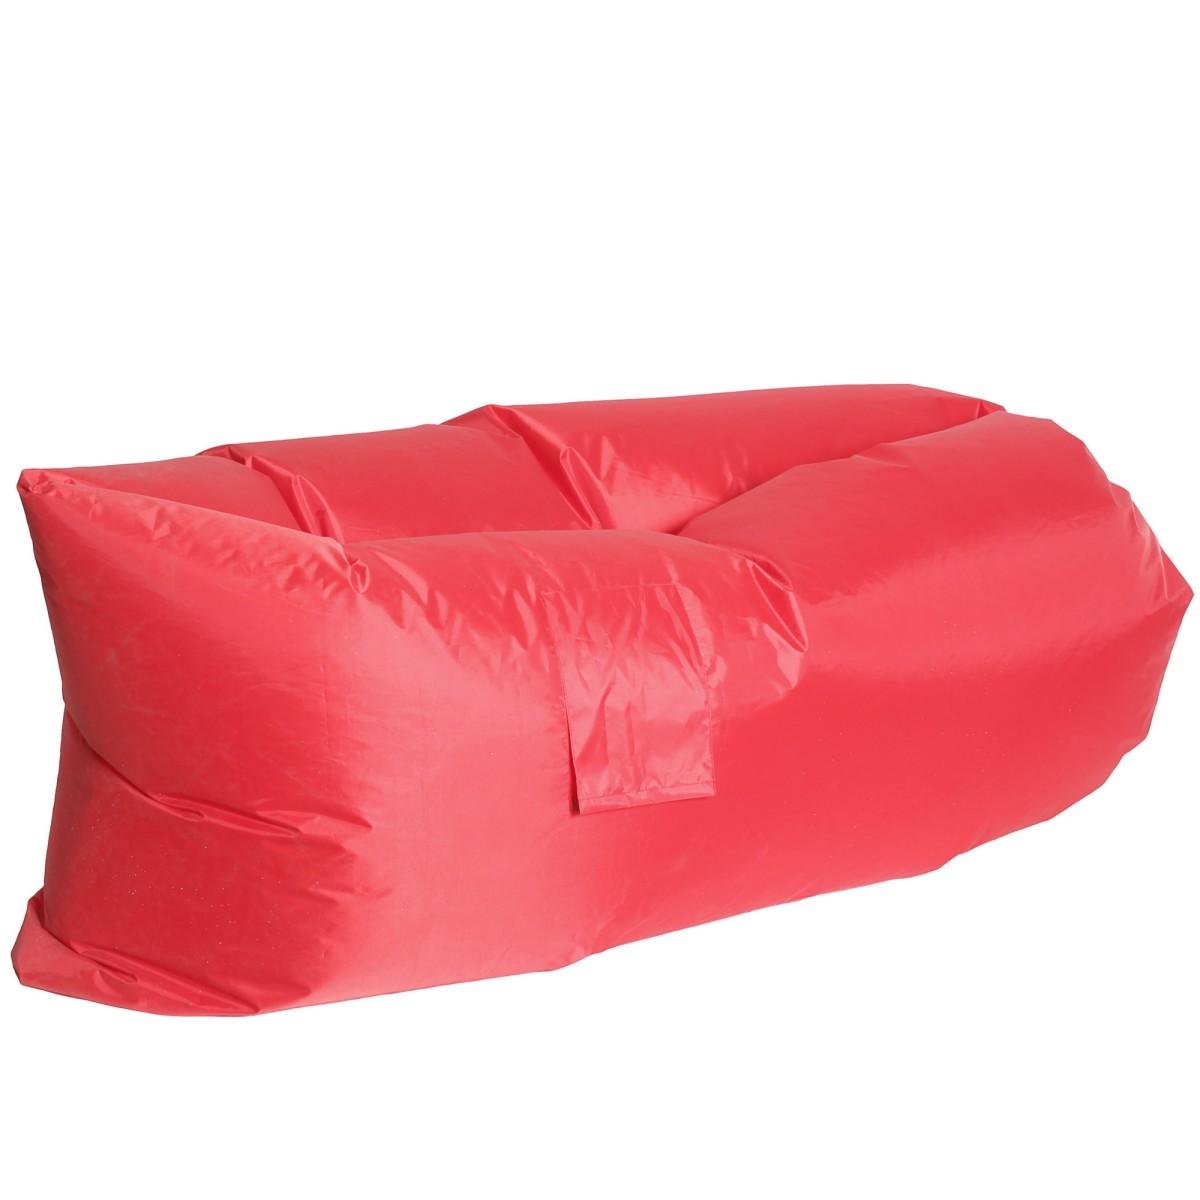 Диван надувной «Long» 220x70 см цвет красный